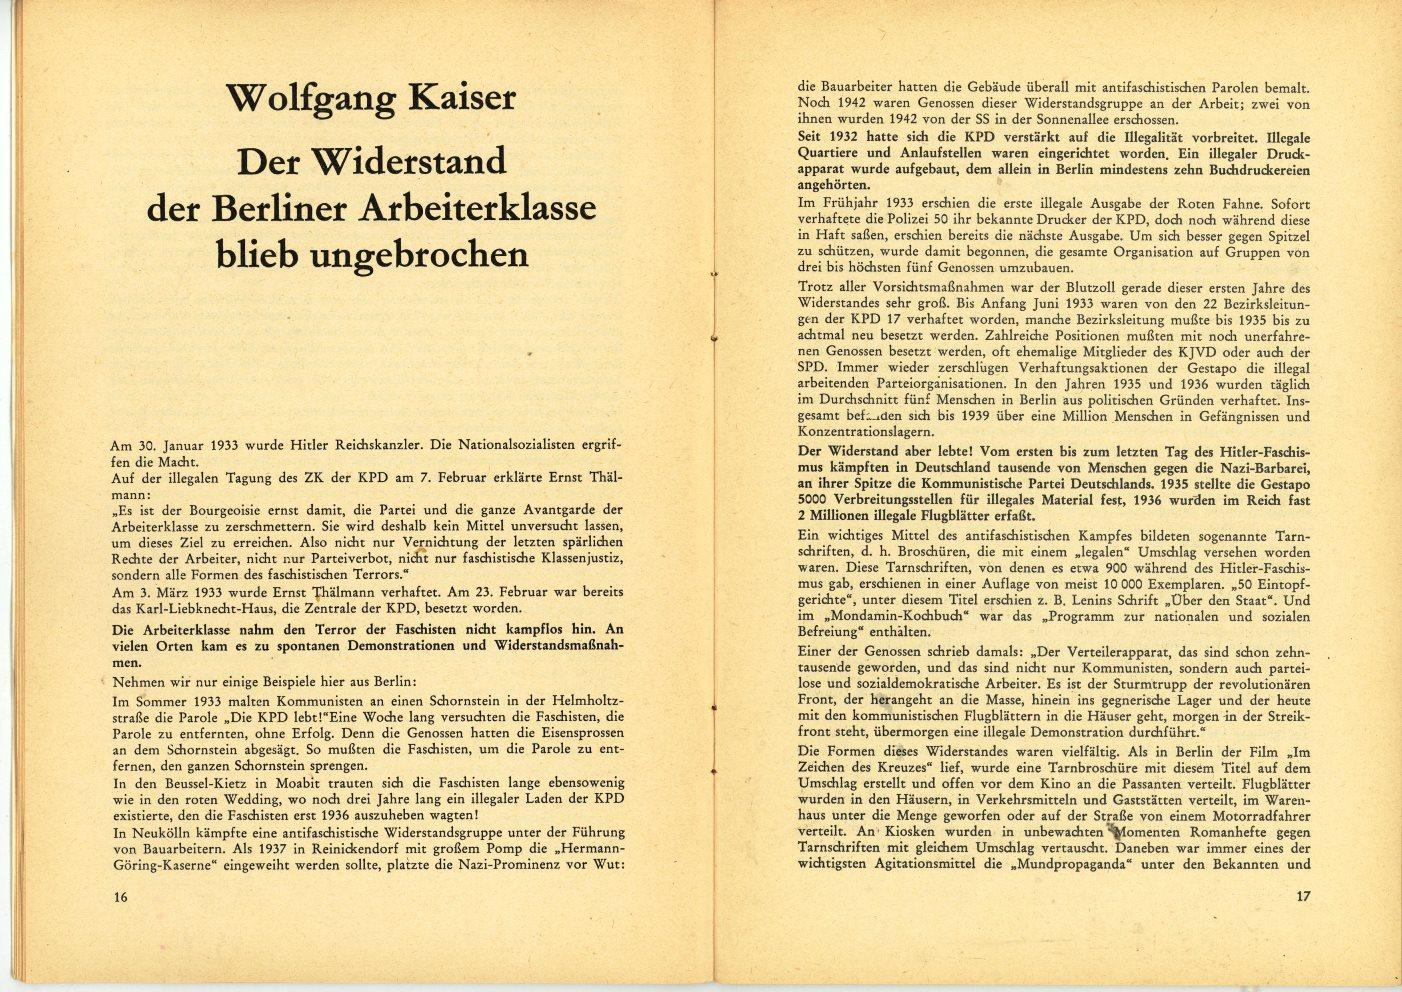 KPDAO_1975_30_Jahrestag_der_Befreiung_vom_Faschismus_10